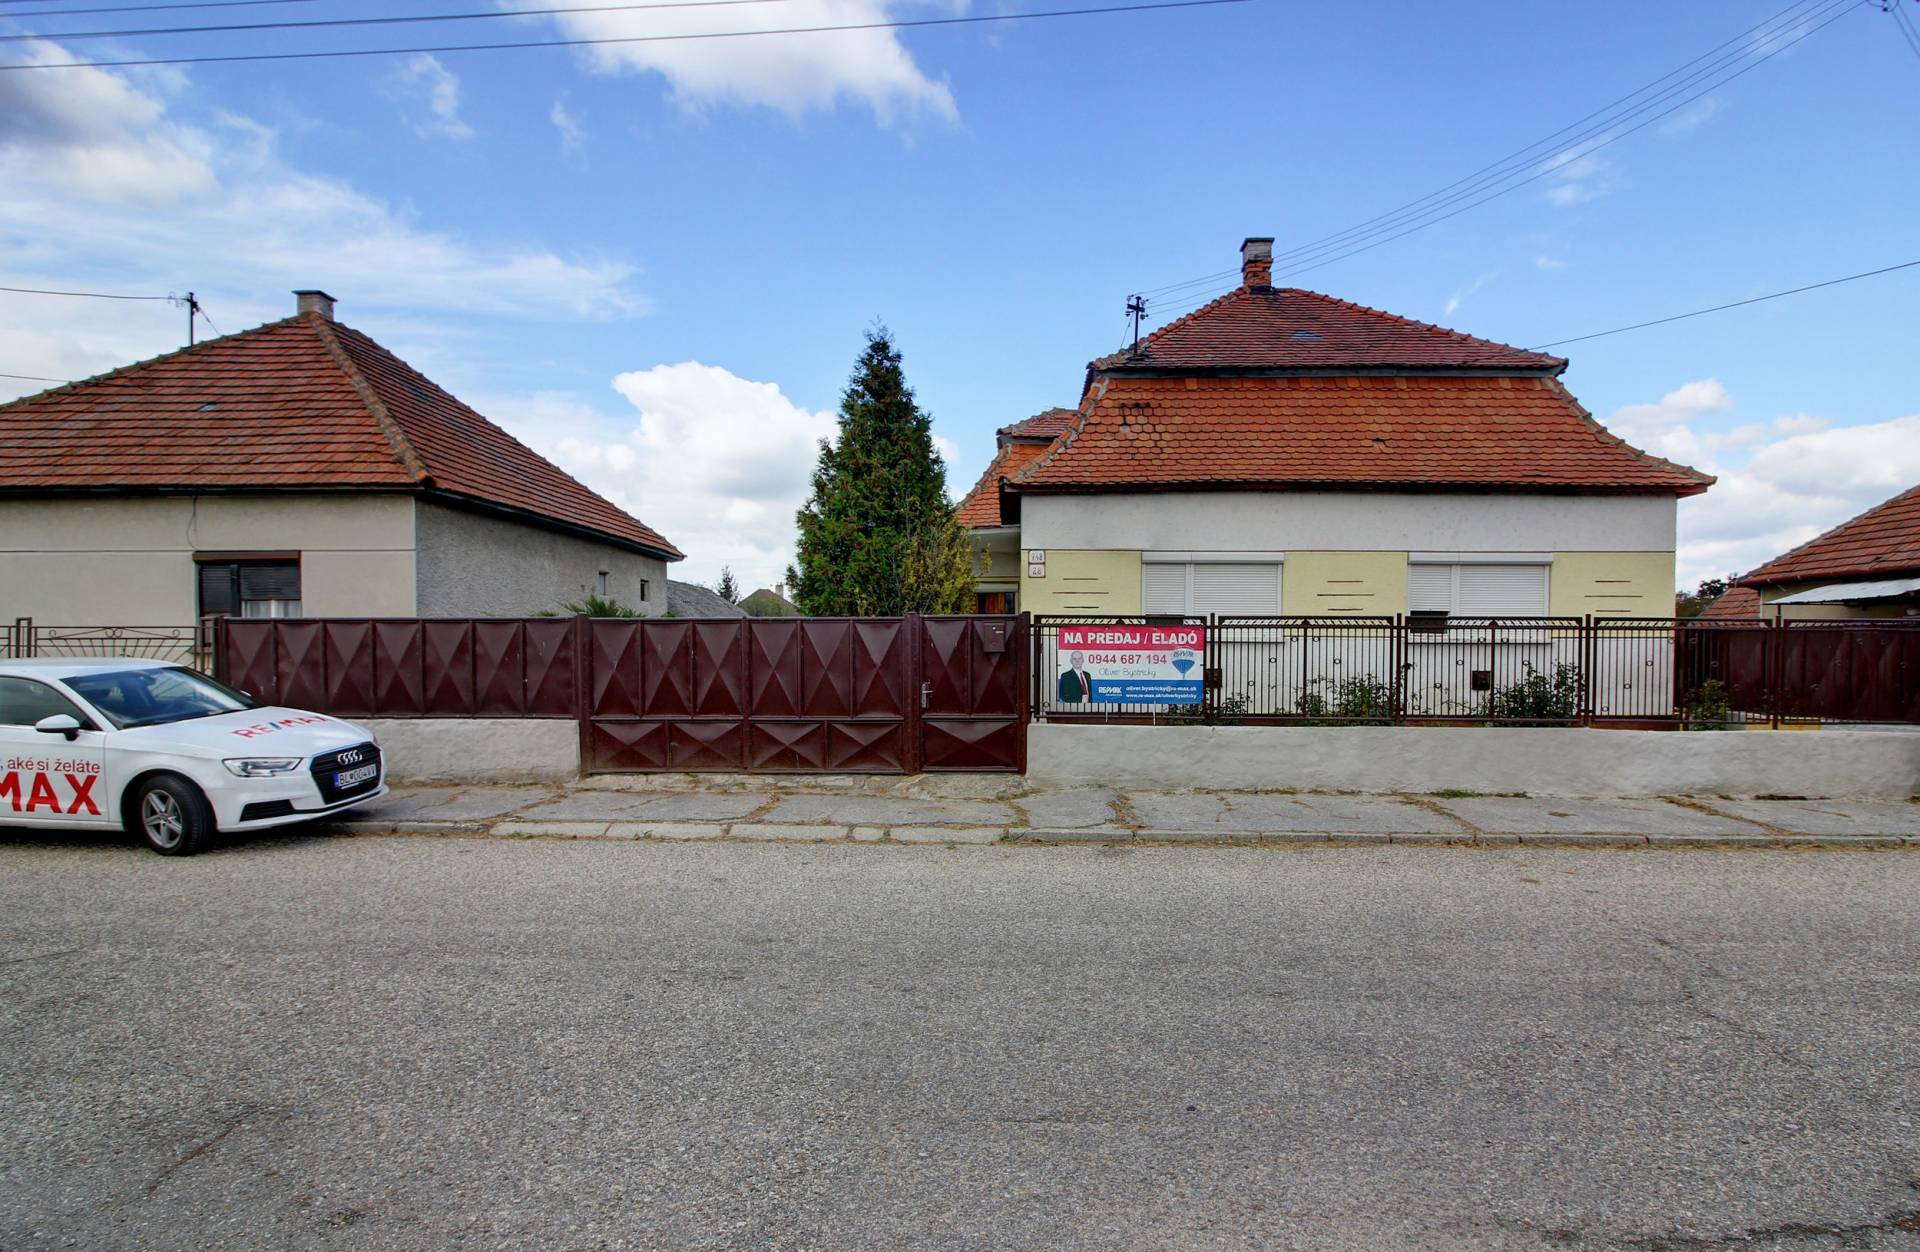 Na predaj 2- izbový rodinný dom na 8 á pozemku v Zemianskej Olči